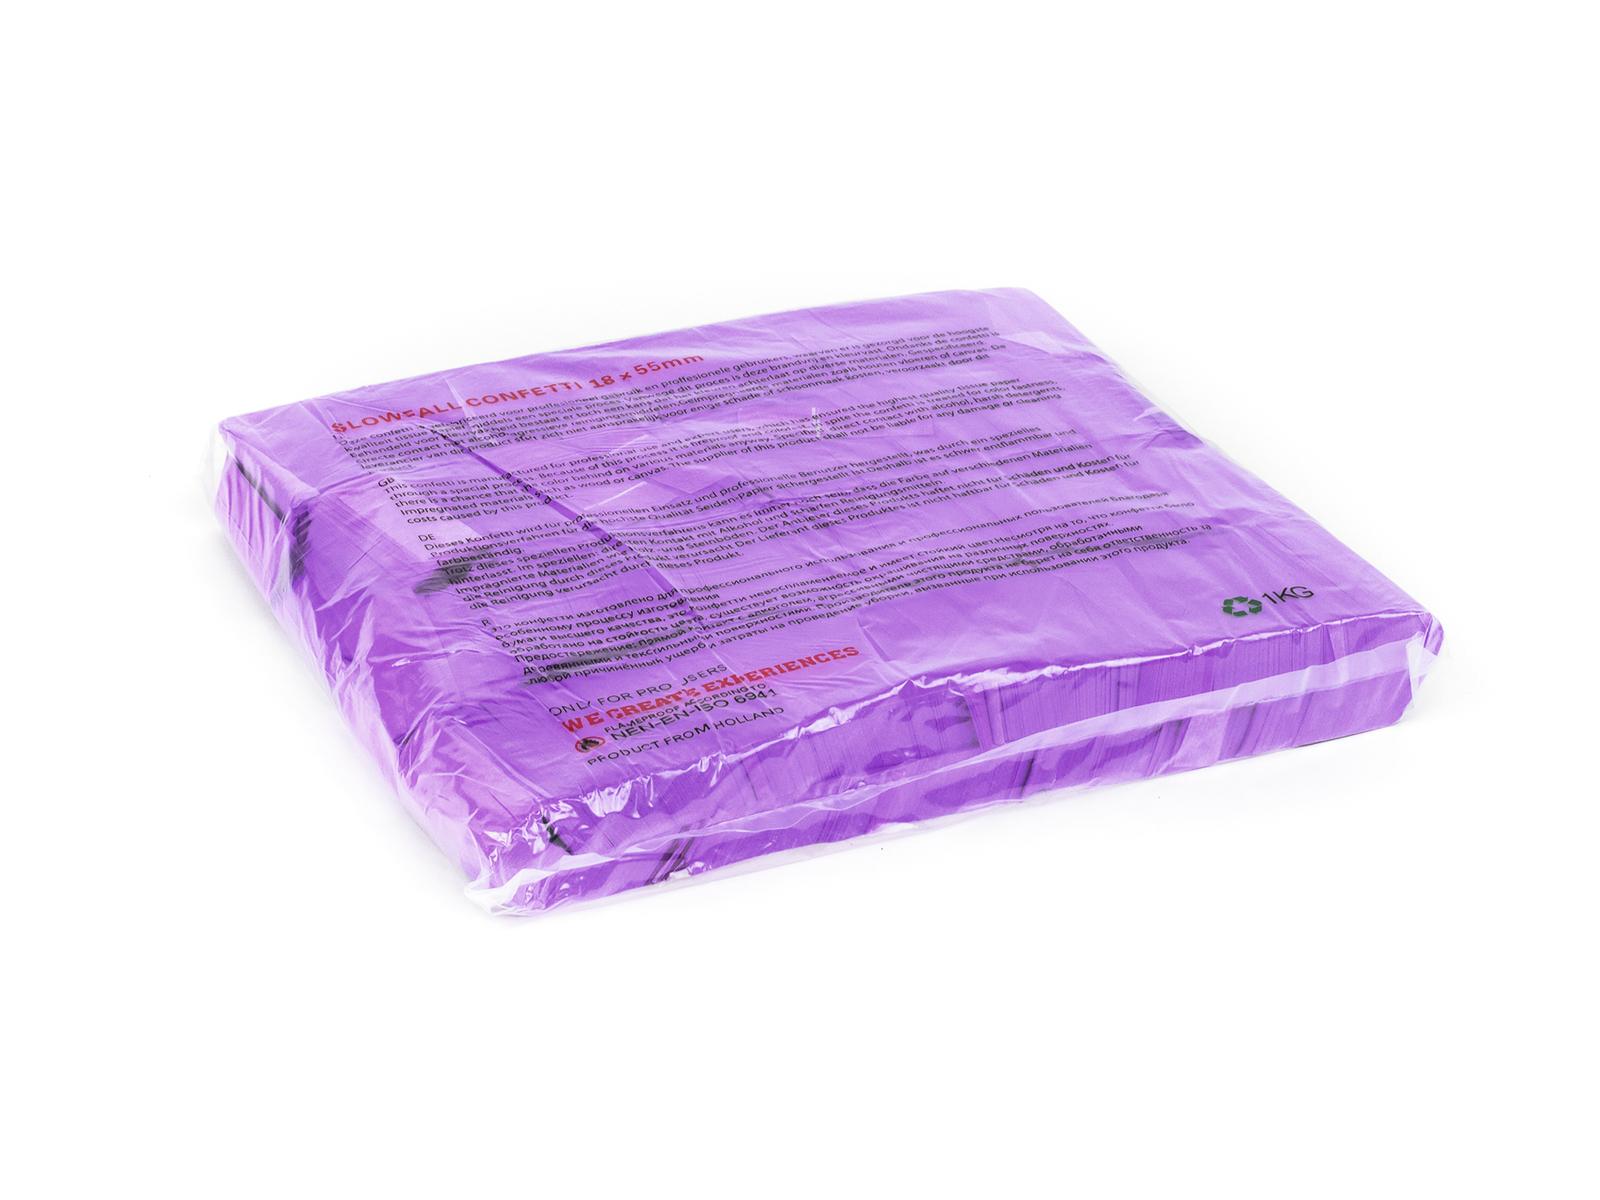 Tcm Fx pomalu padající obdélníkové konfety 55x18mm, neonové-fialov